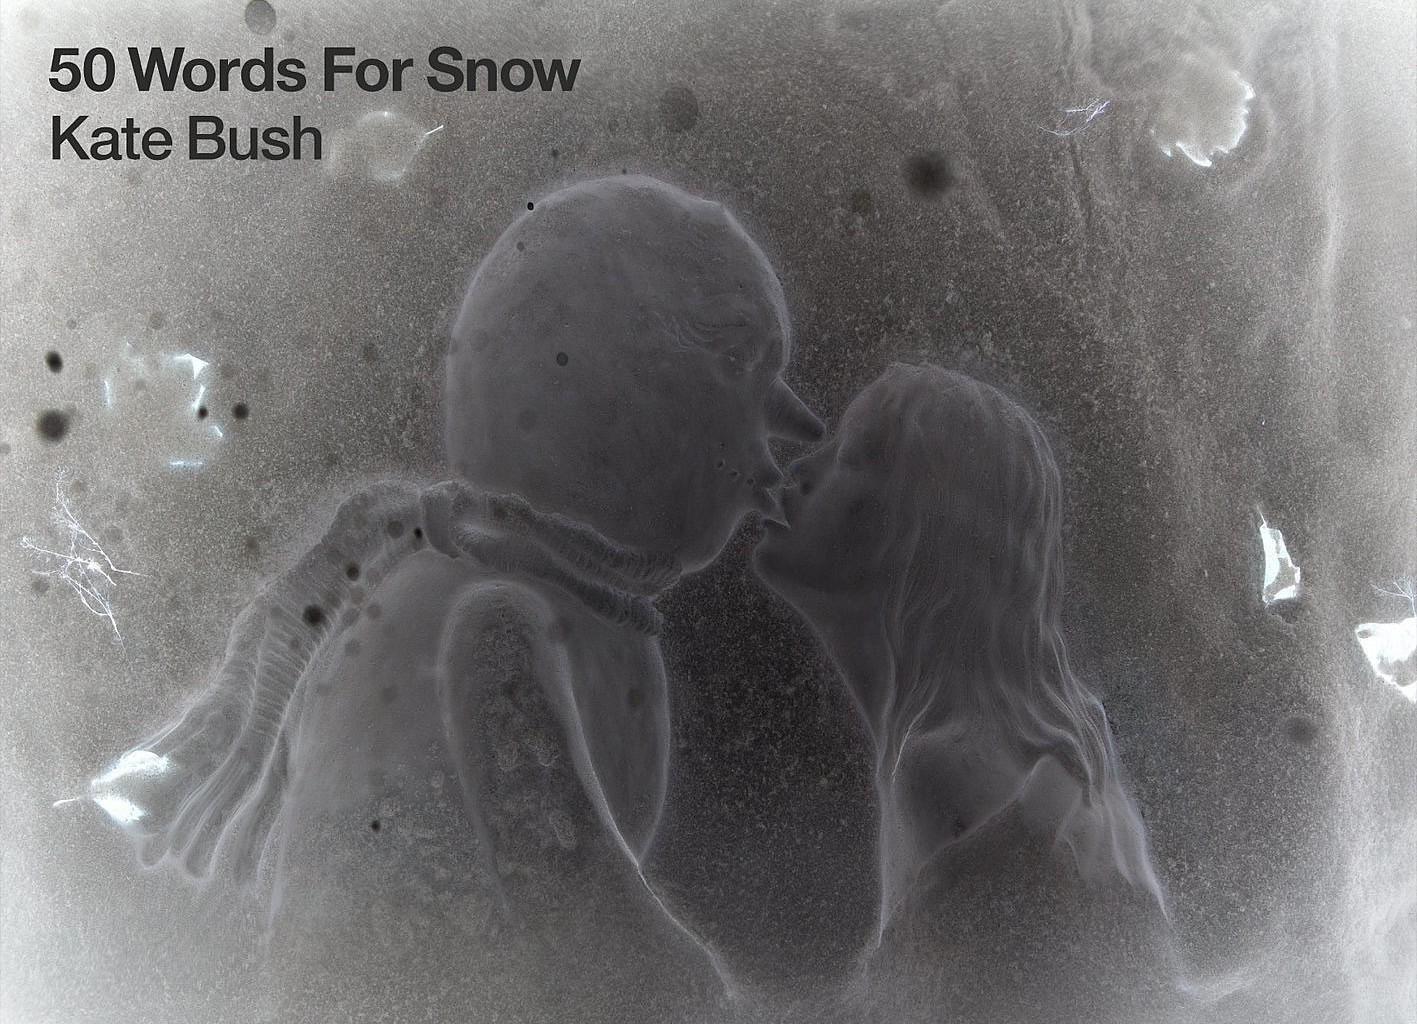 Nowy album Kate Bush do posłuchania w sieci